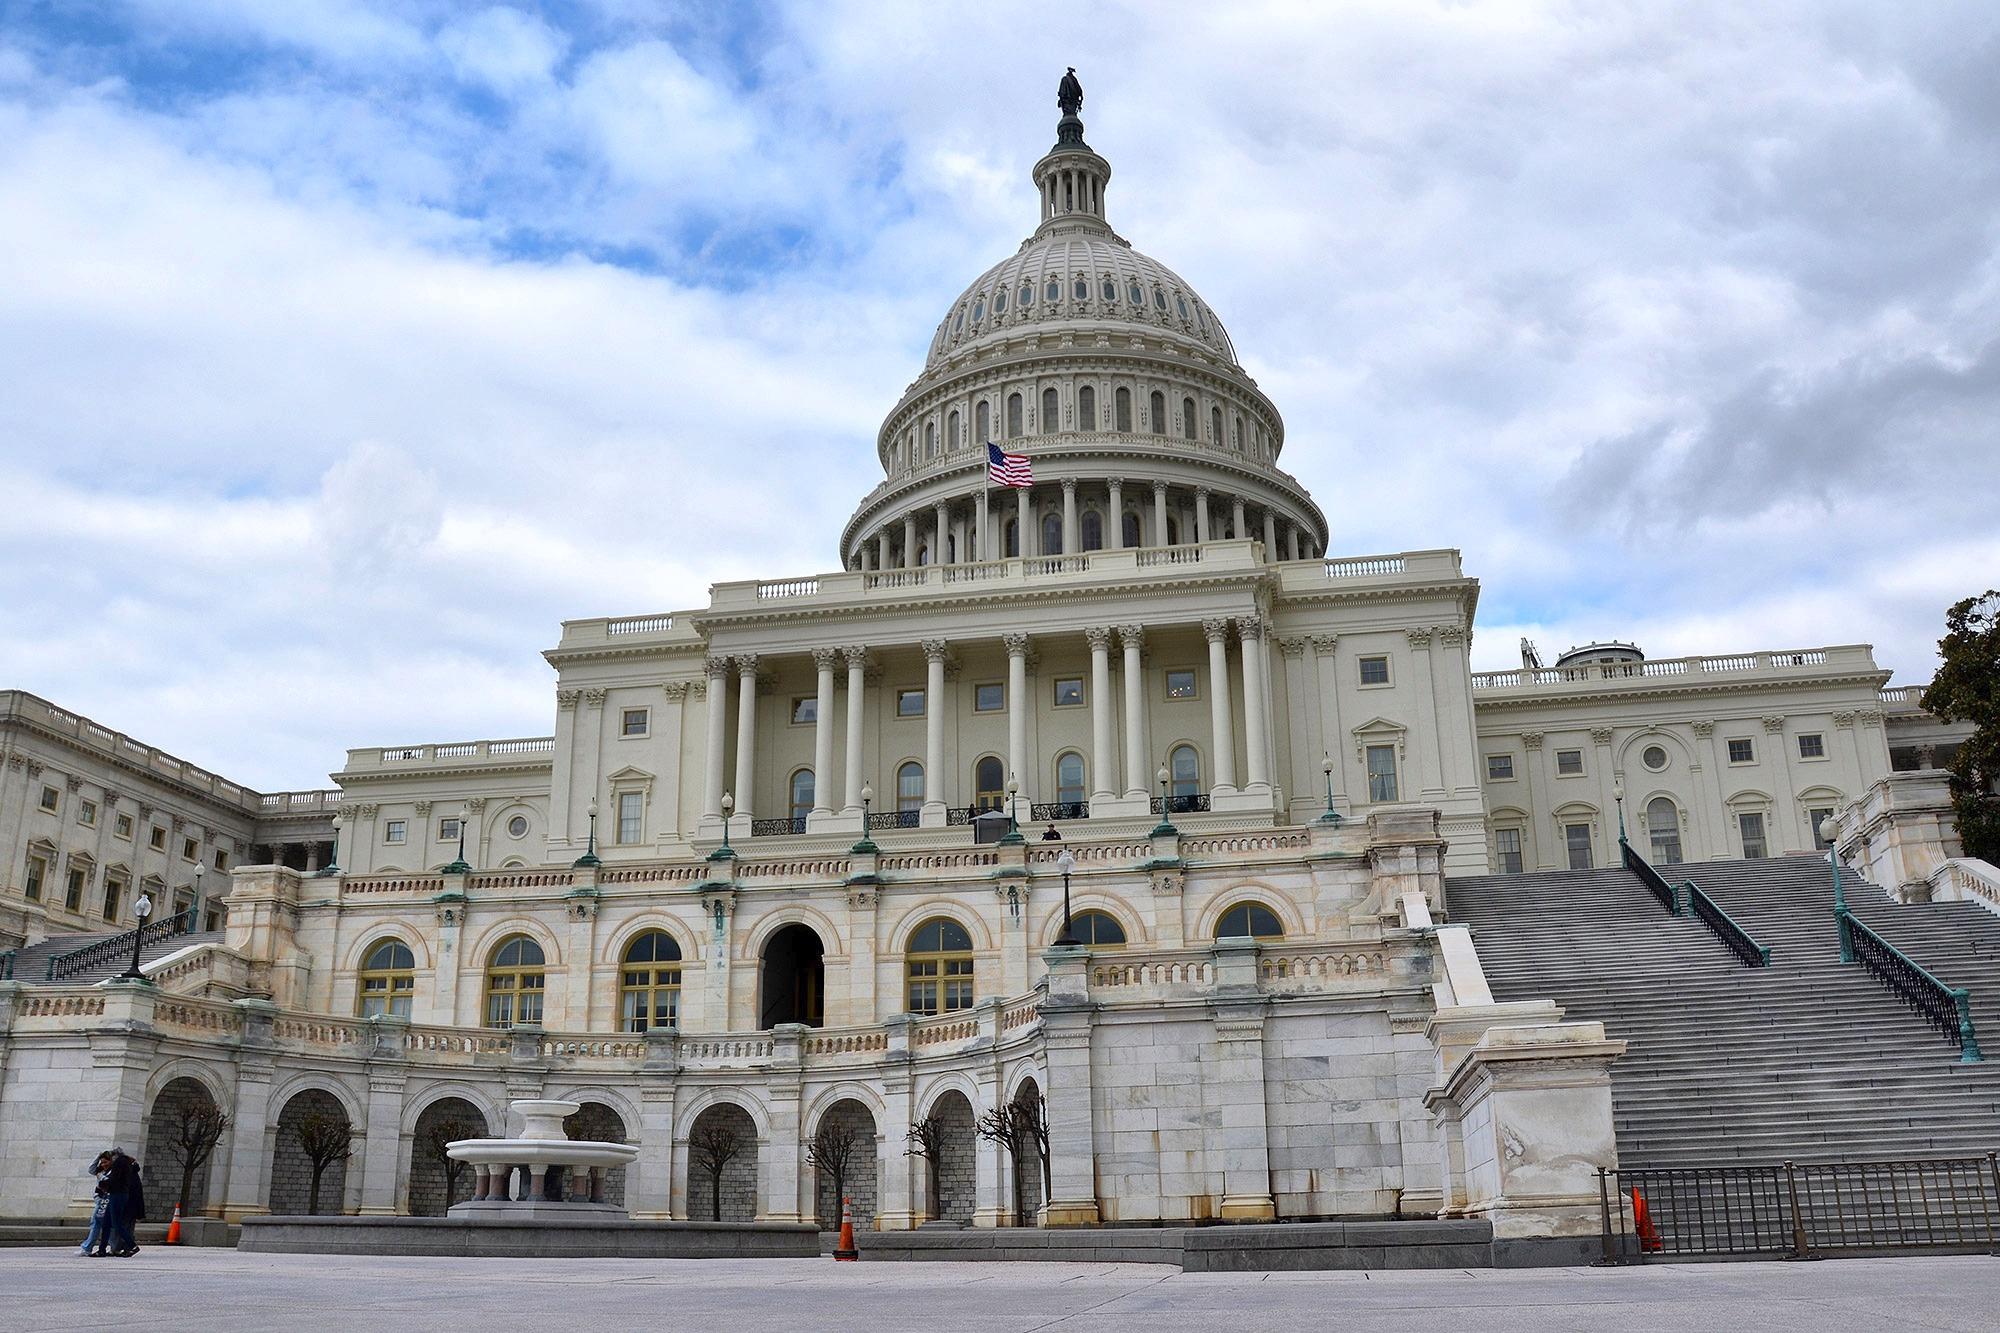 United States Capitol, Washington, USA